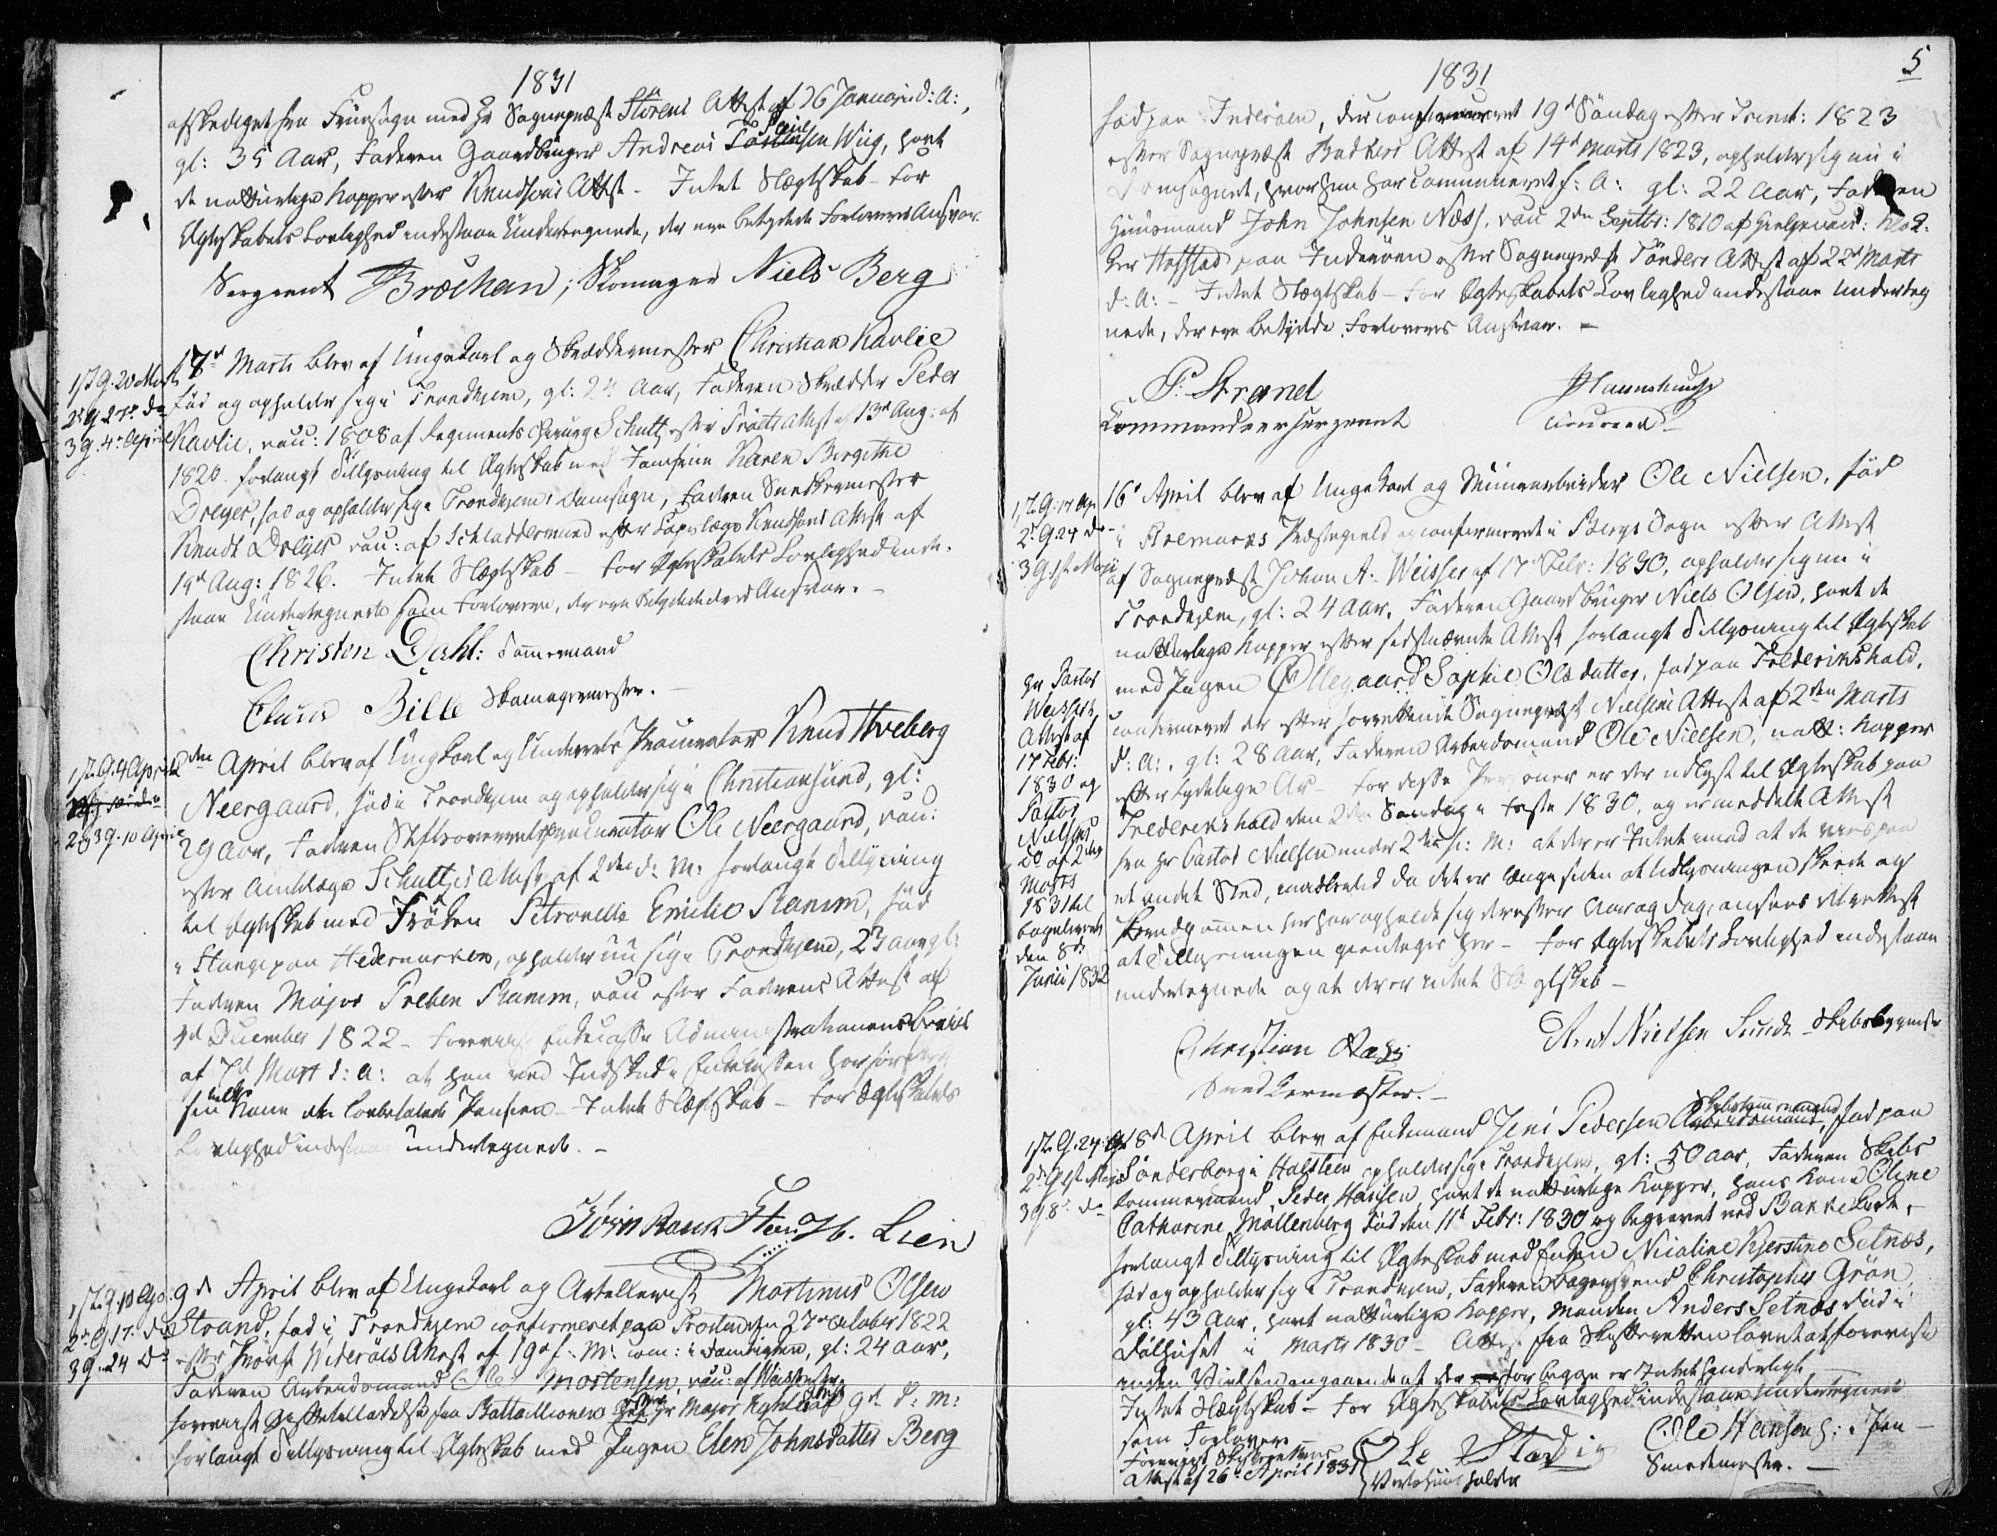 SAT, Ministerialprotokoller, klokkerbøker og fødselsregistre - Sør-Trøndelag, 601/L0046: Ministerialbok nr. 601A14, 1830-1841, s. 5